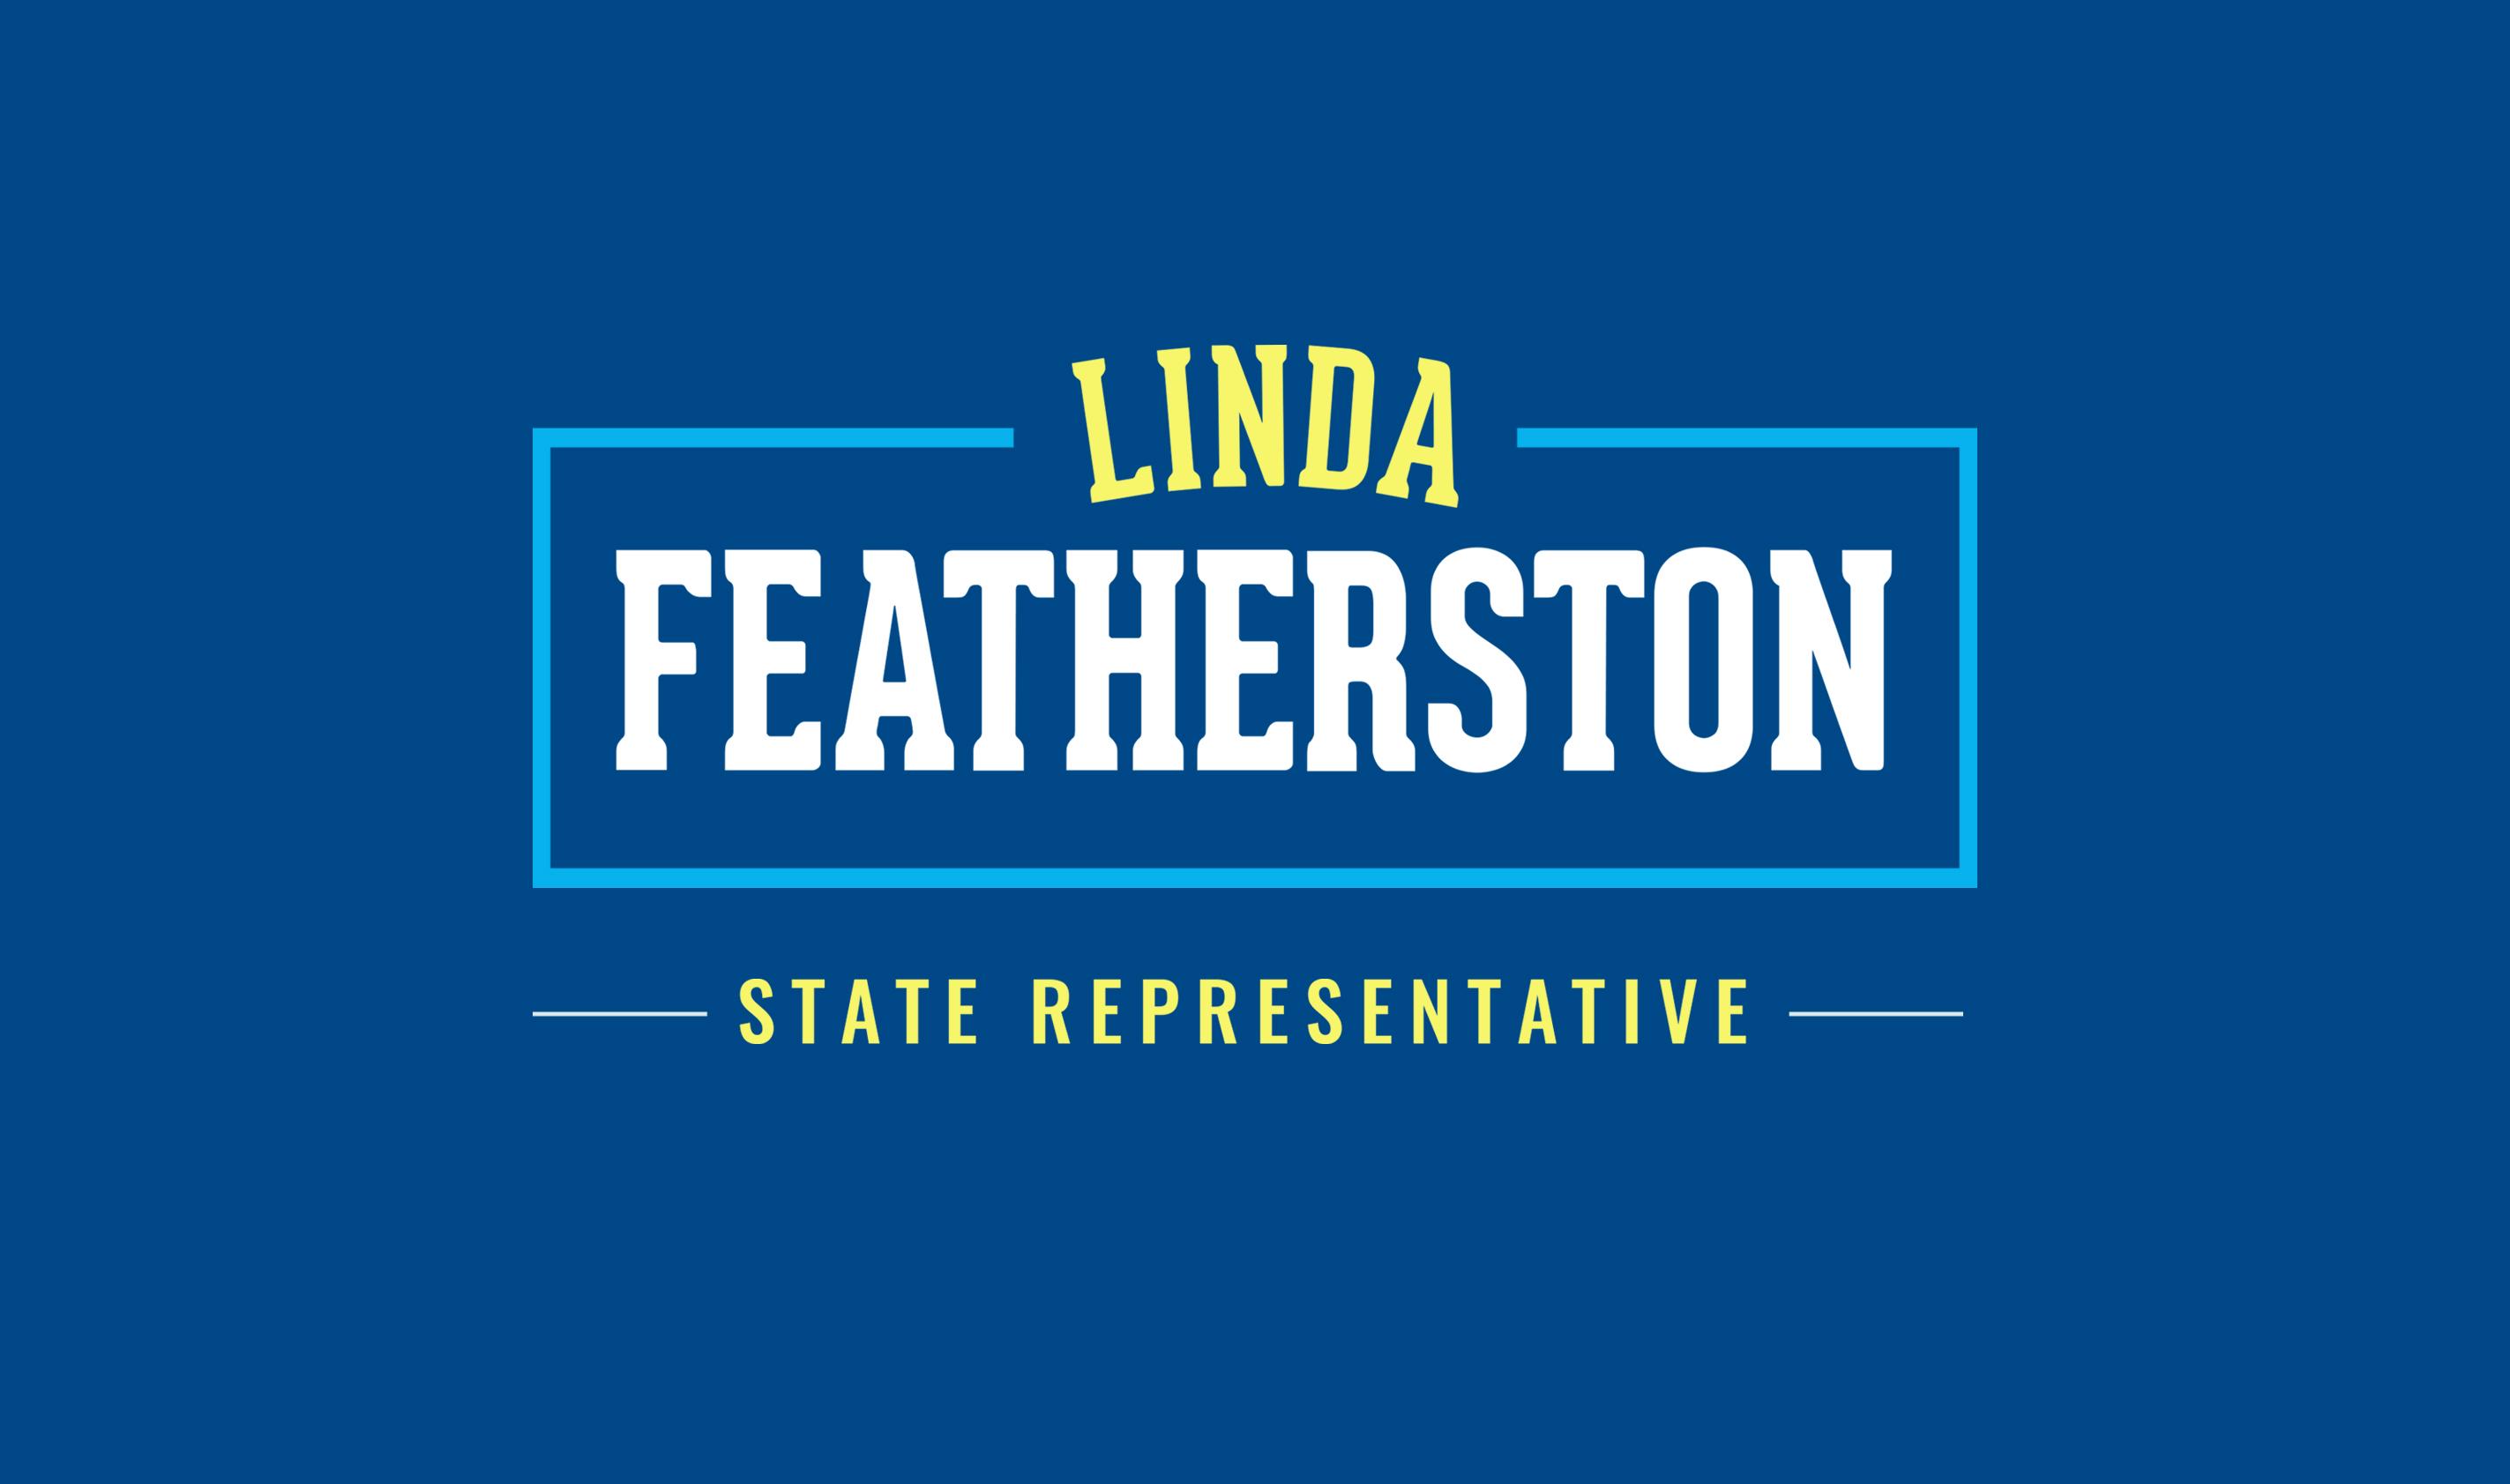 Linda Featherston